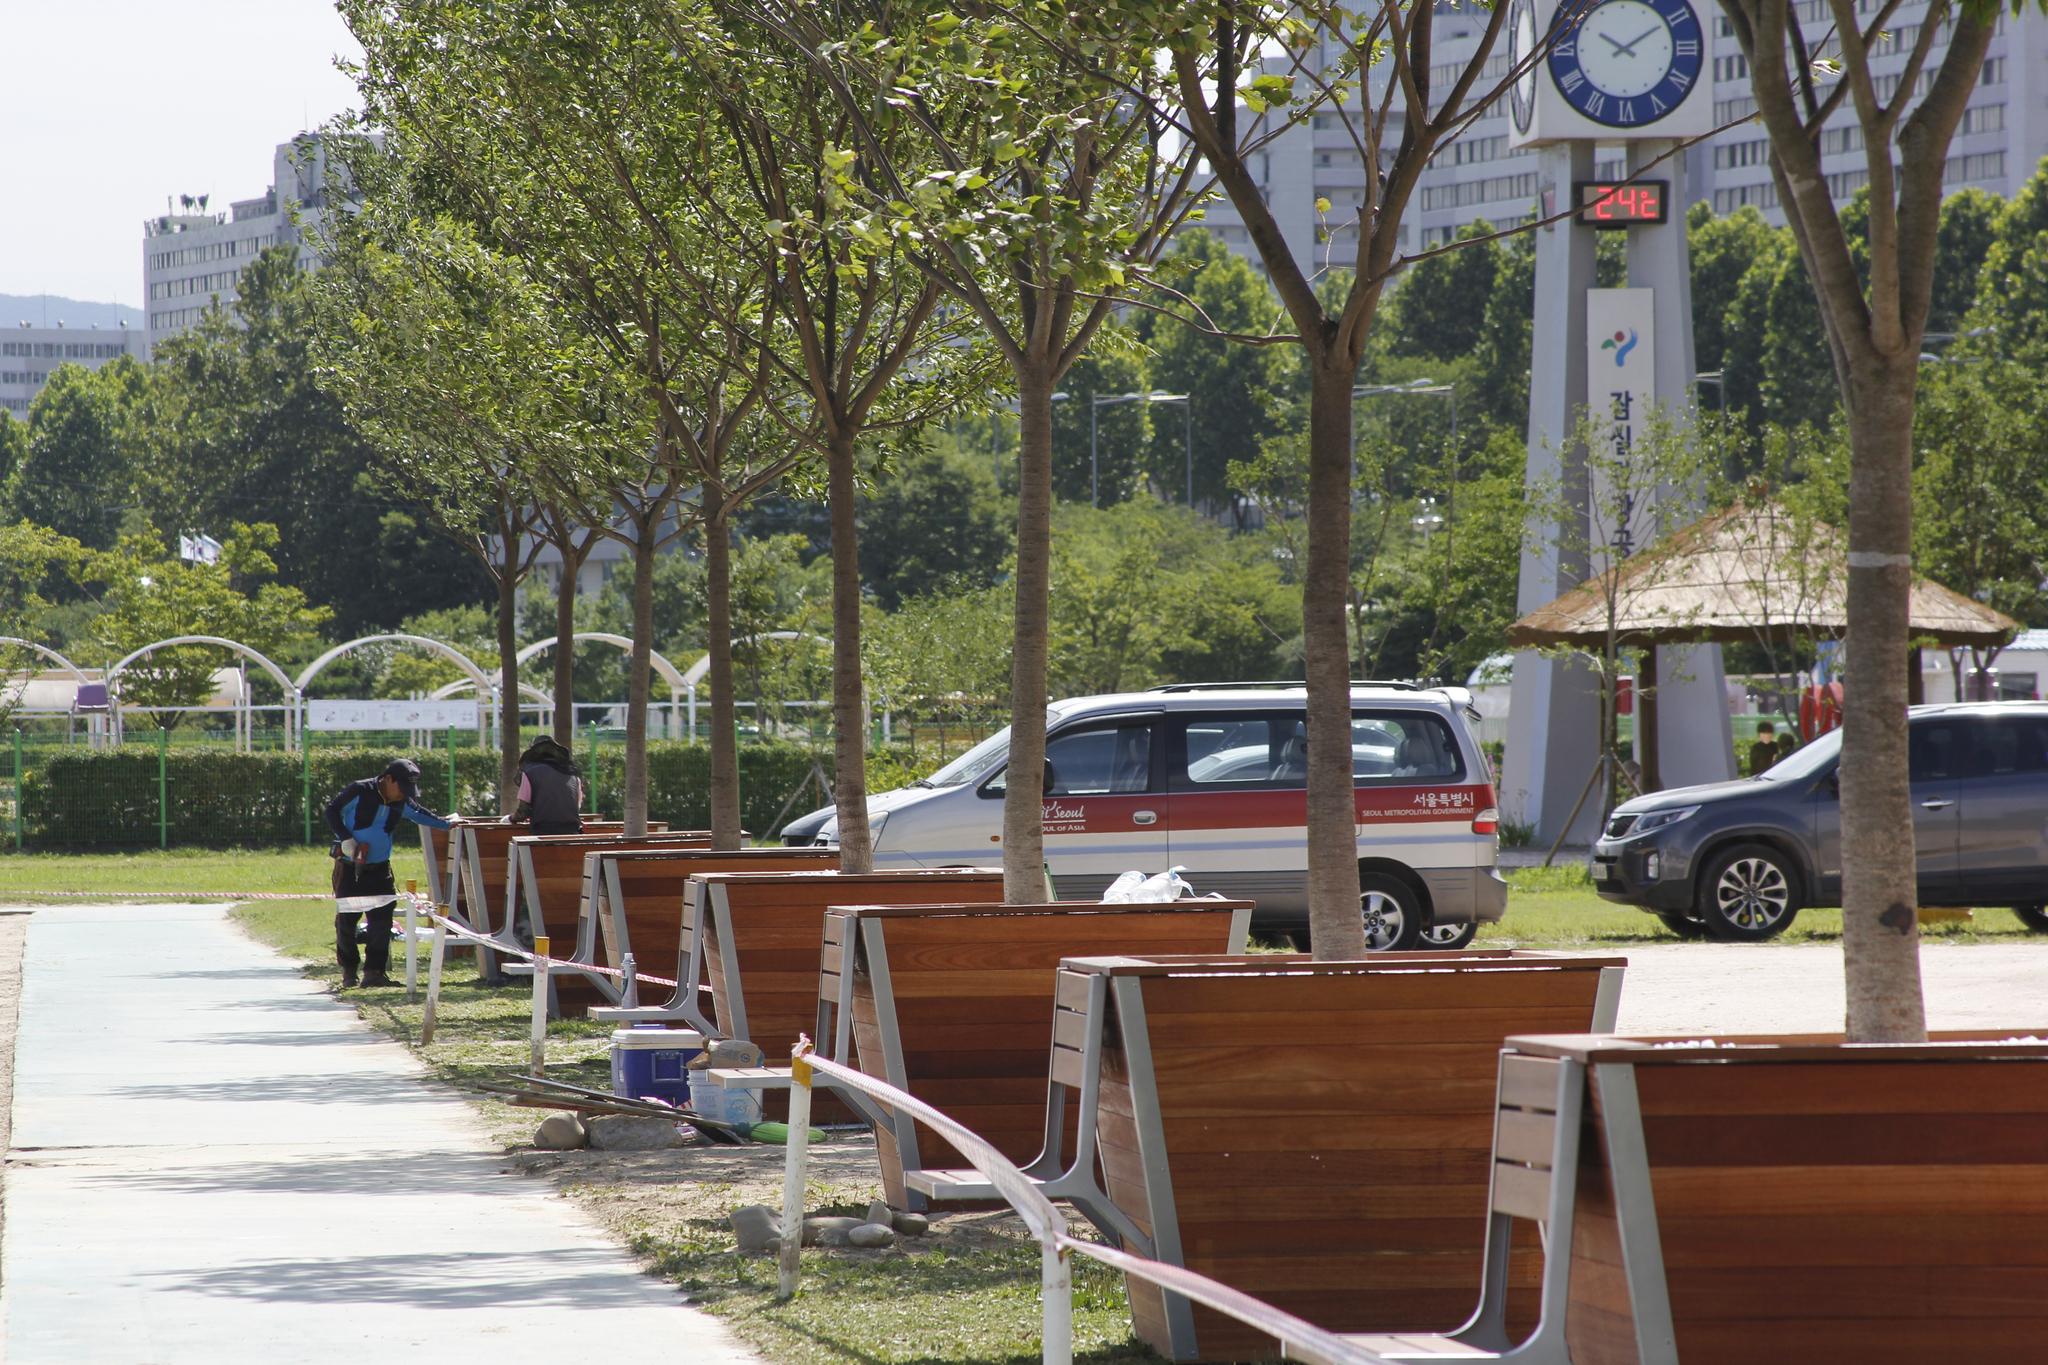 서울 잠실한강공원 비치발리볼경기장에 설치된 나무